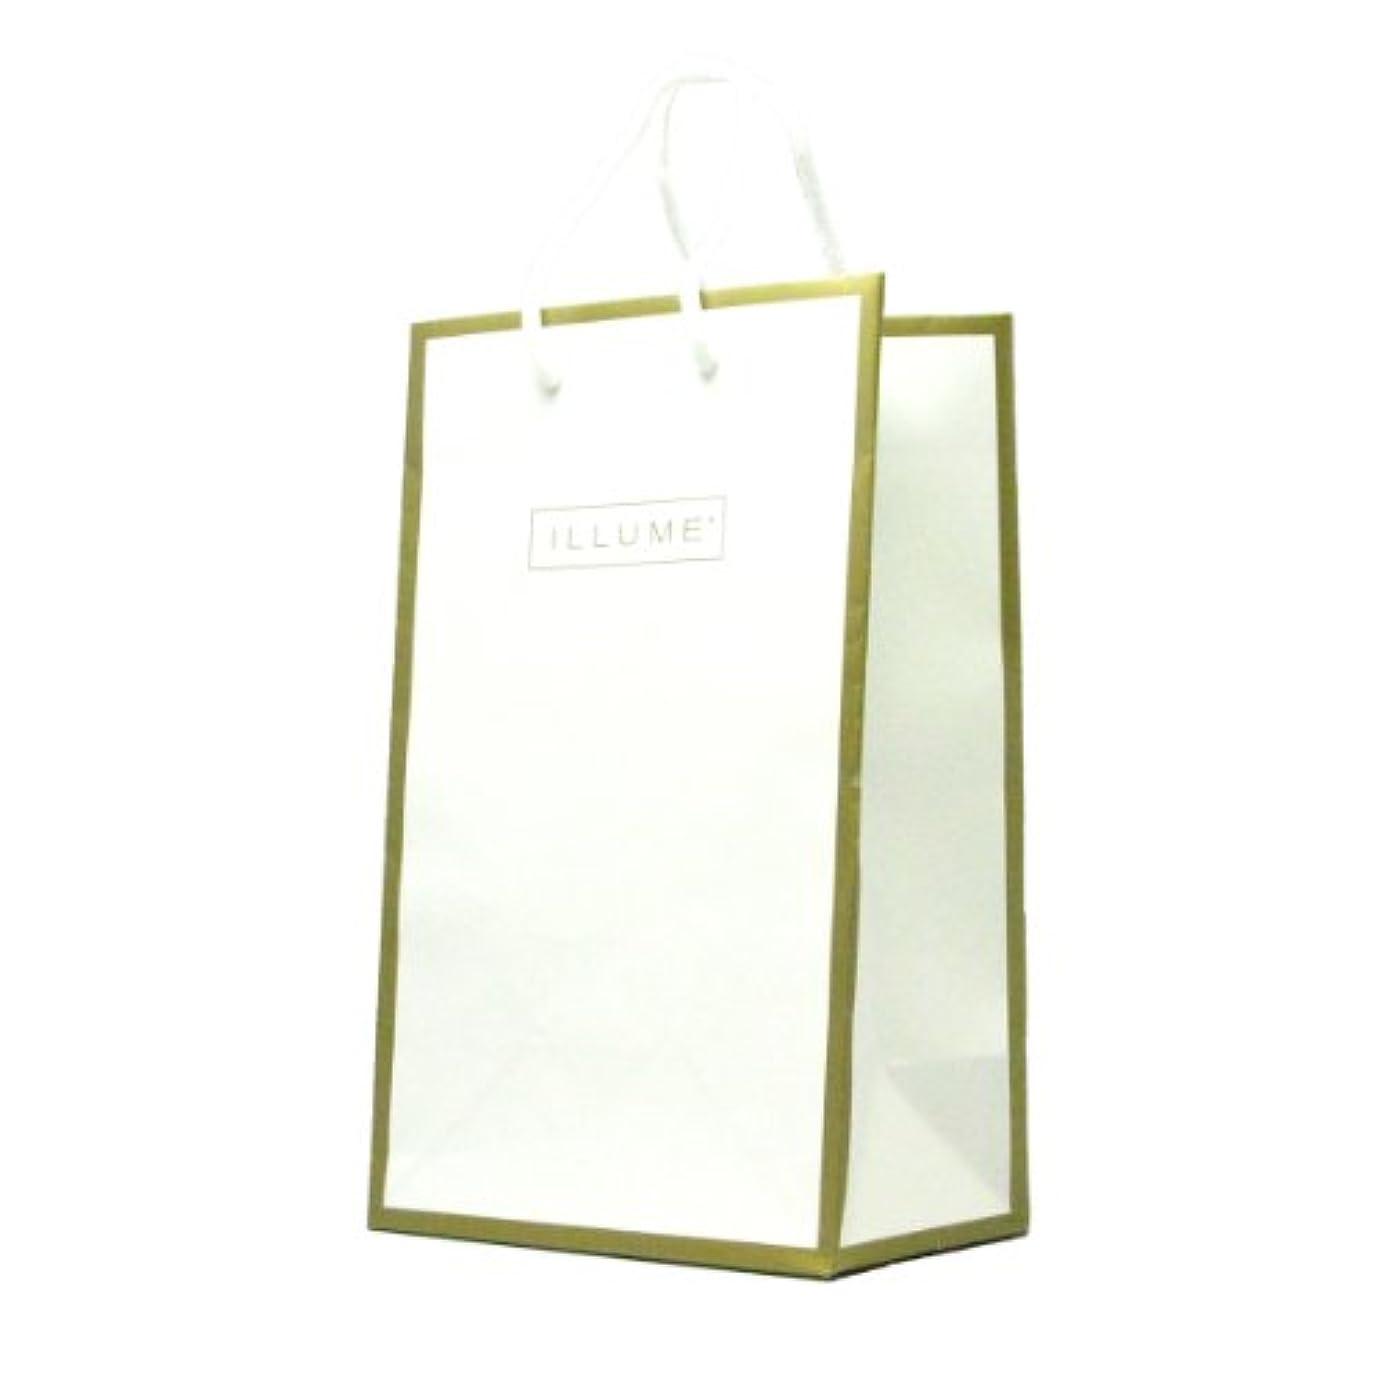 耐えられない不足まぶしさイリューム(ILLUME) ギフトバッグ(Gift Bag) (ILLUMEギフトバッグ)